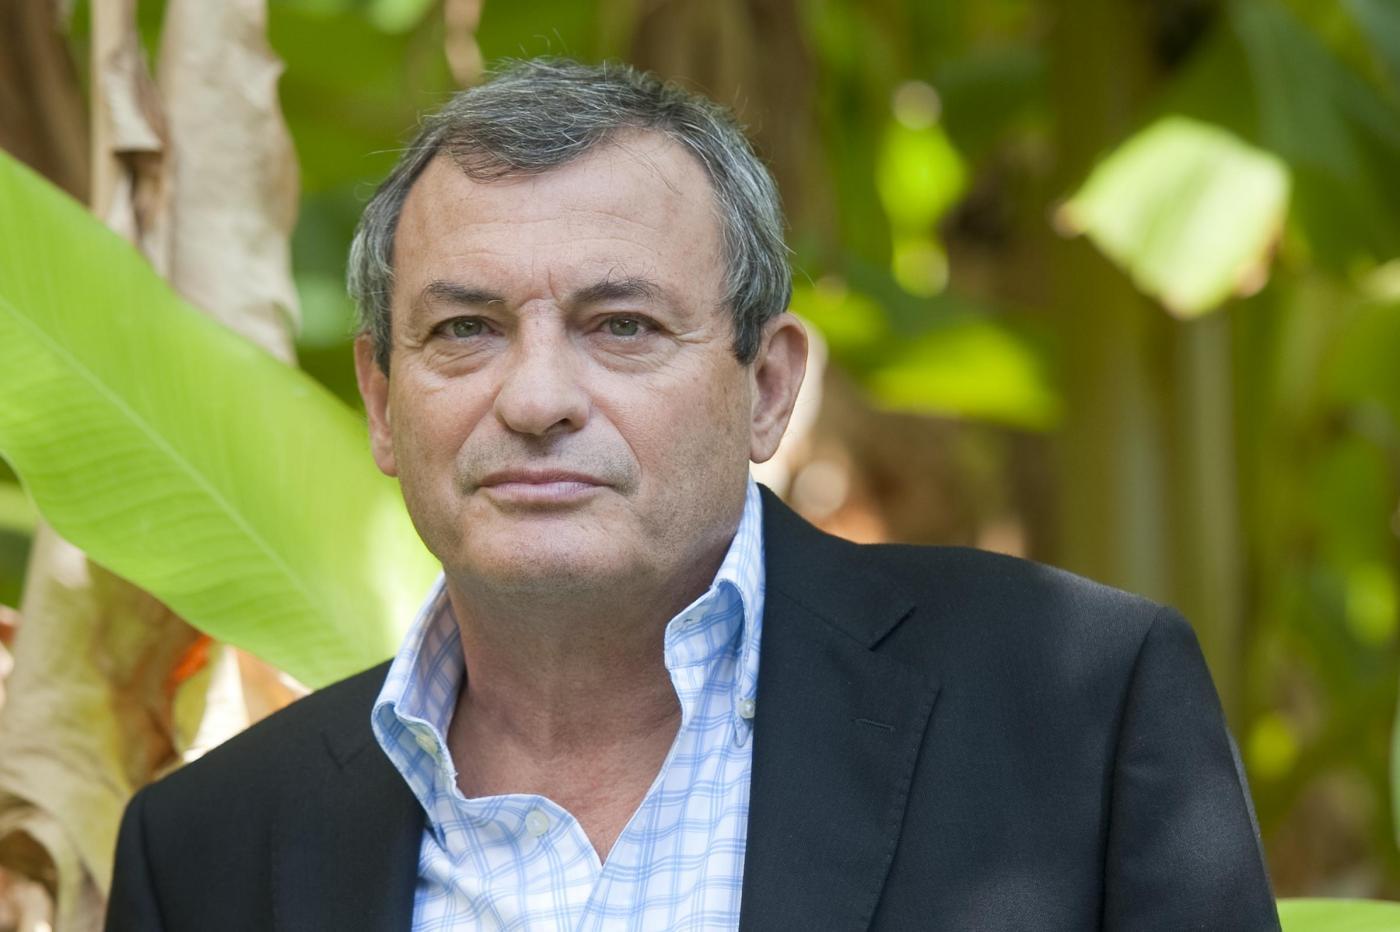 E' morto Oliviero Beha, addio al giornalista, scrittore e conduttore TV